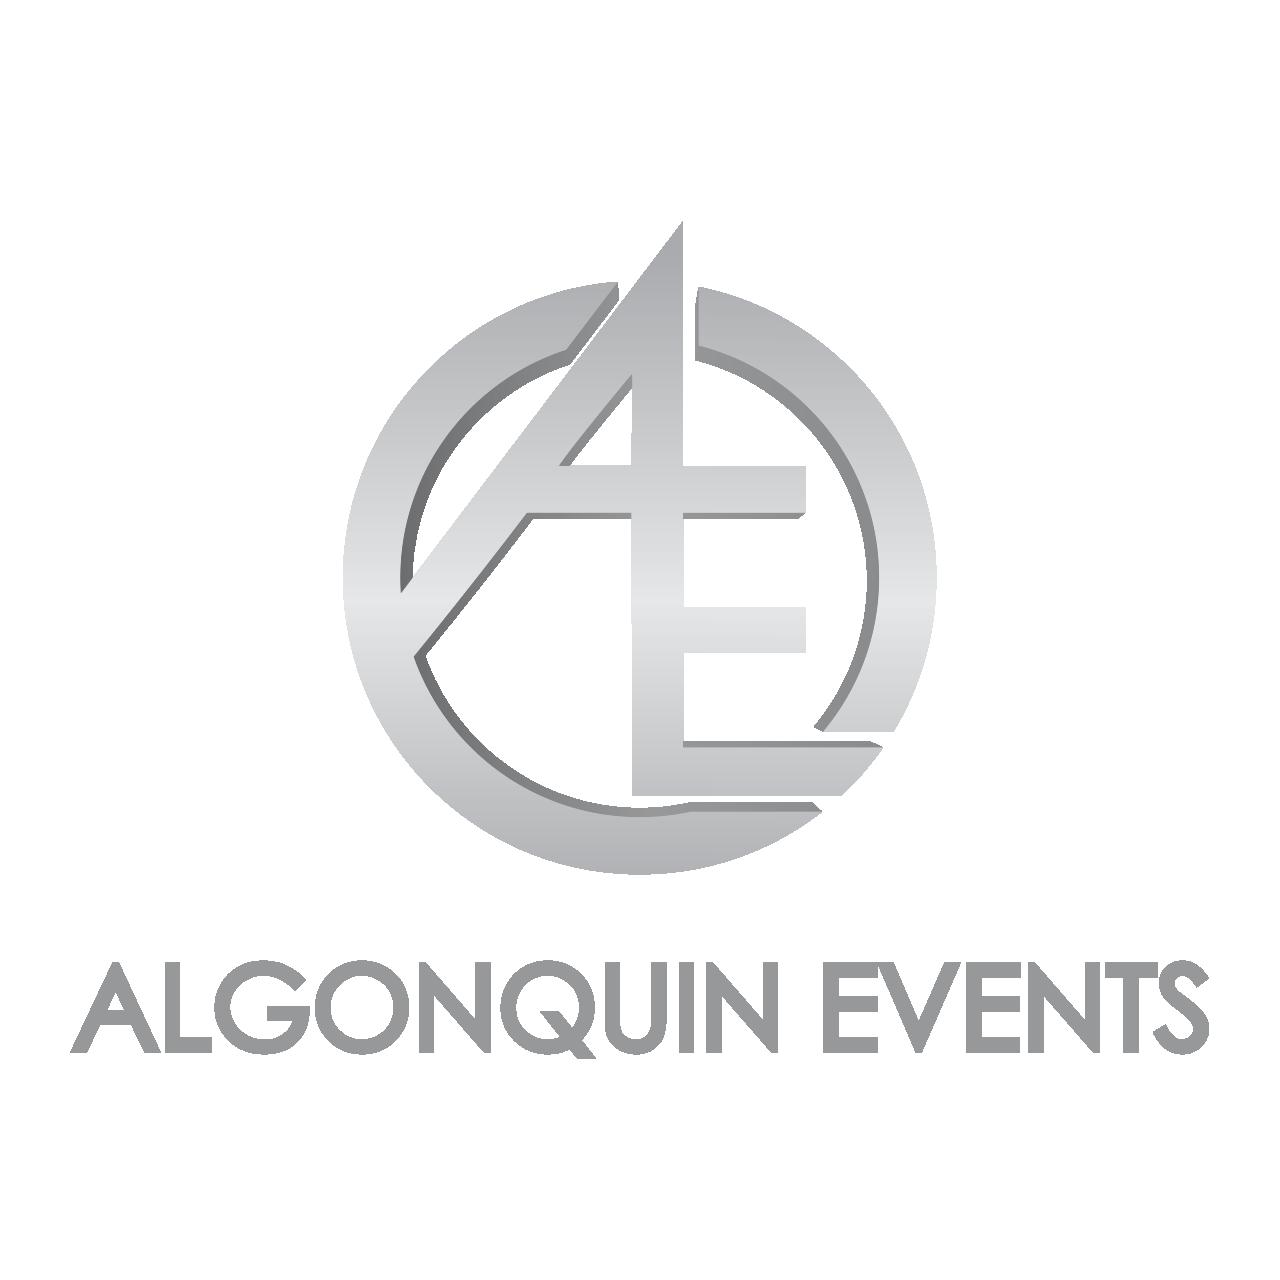 Algonquin Events